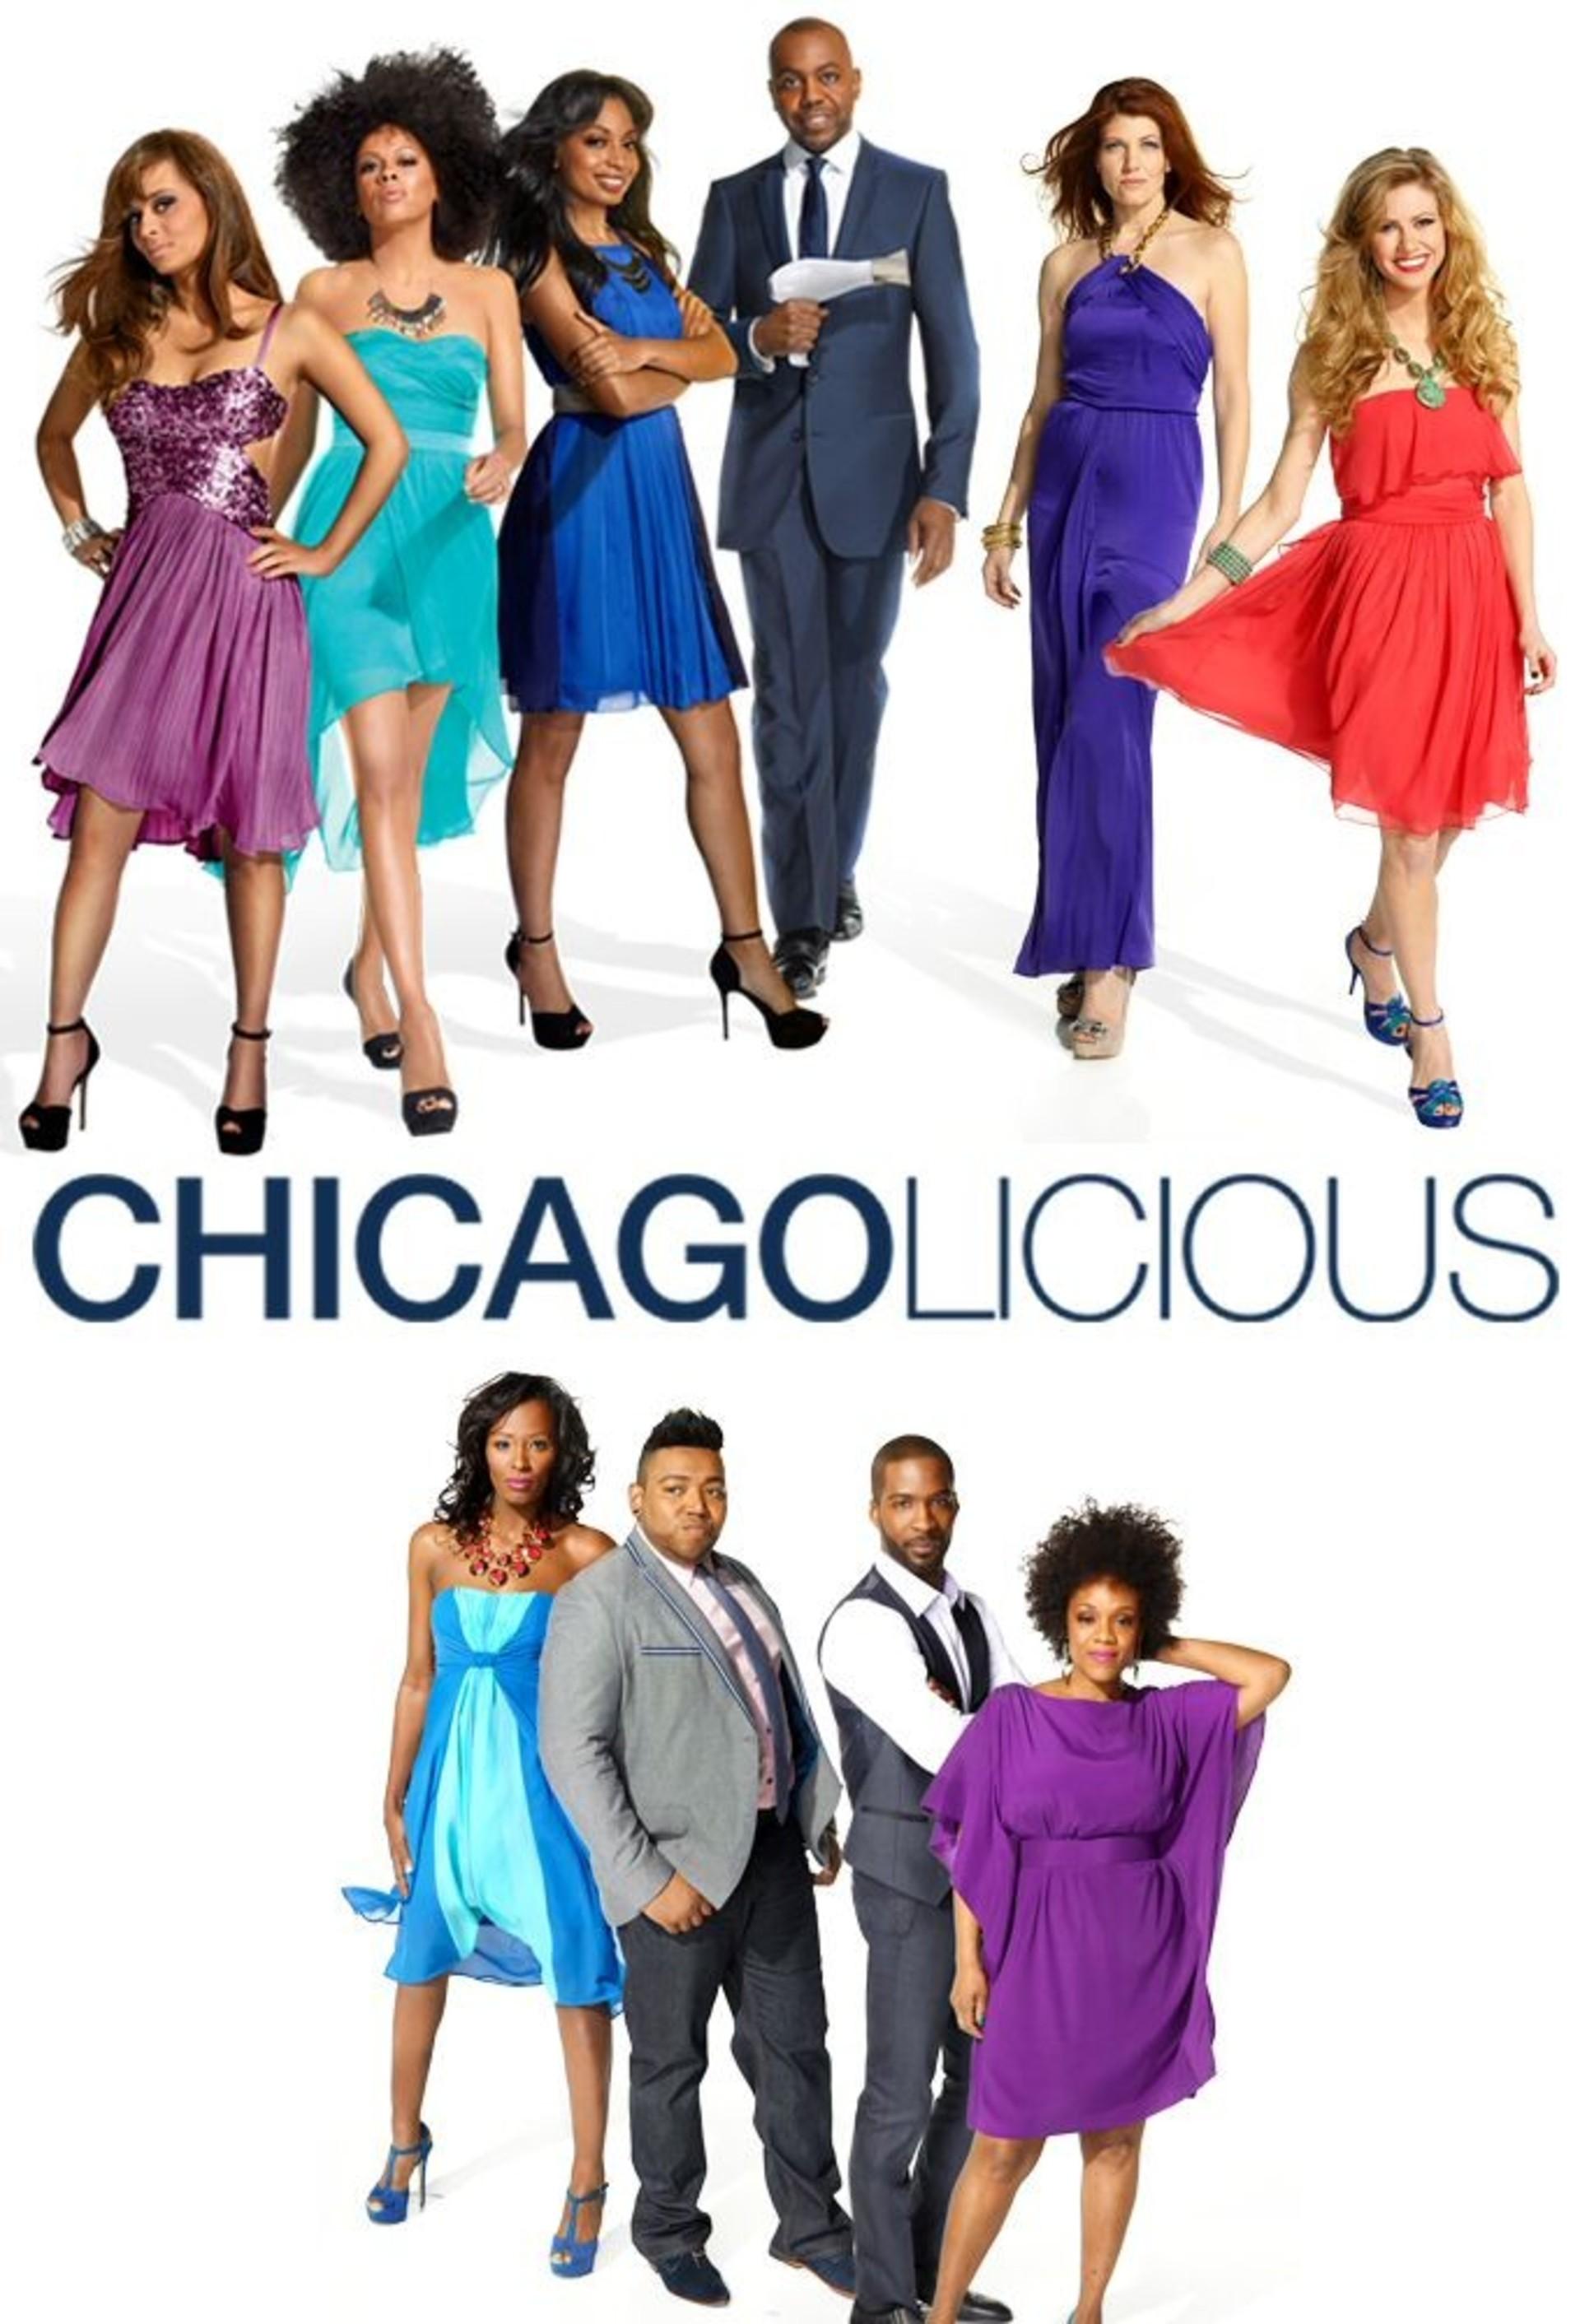 Chicagolicious: Season 1